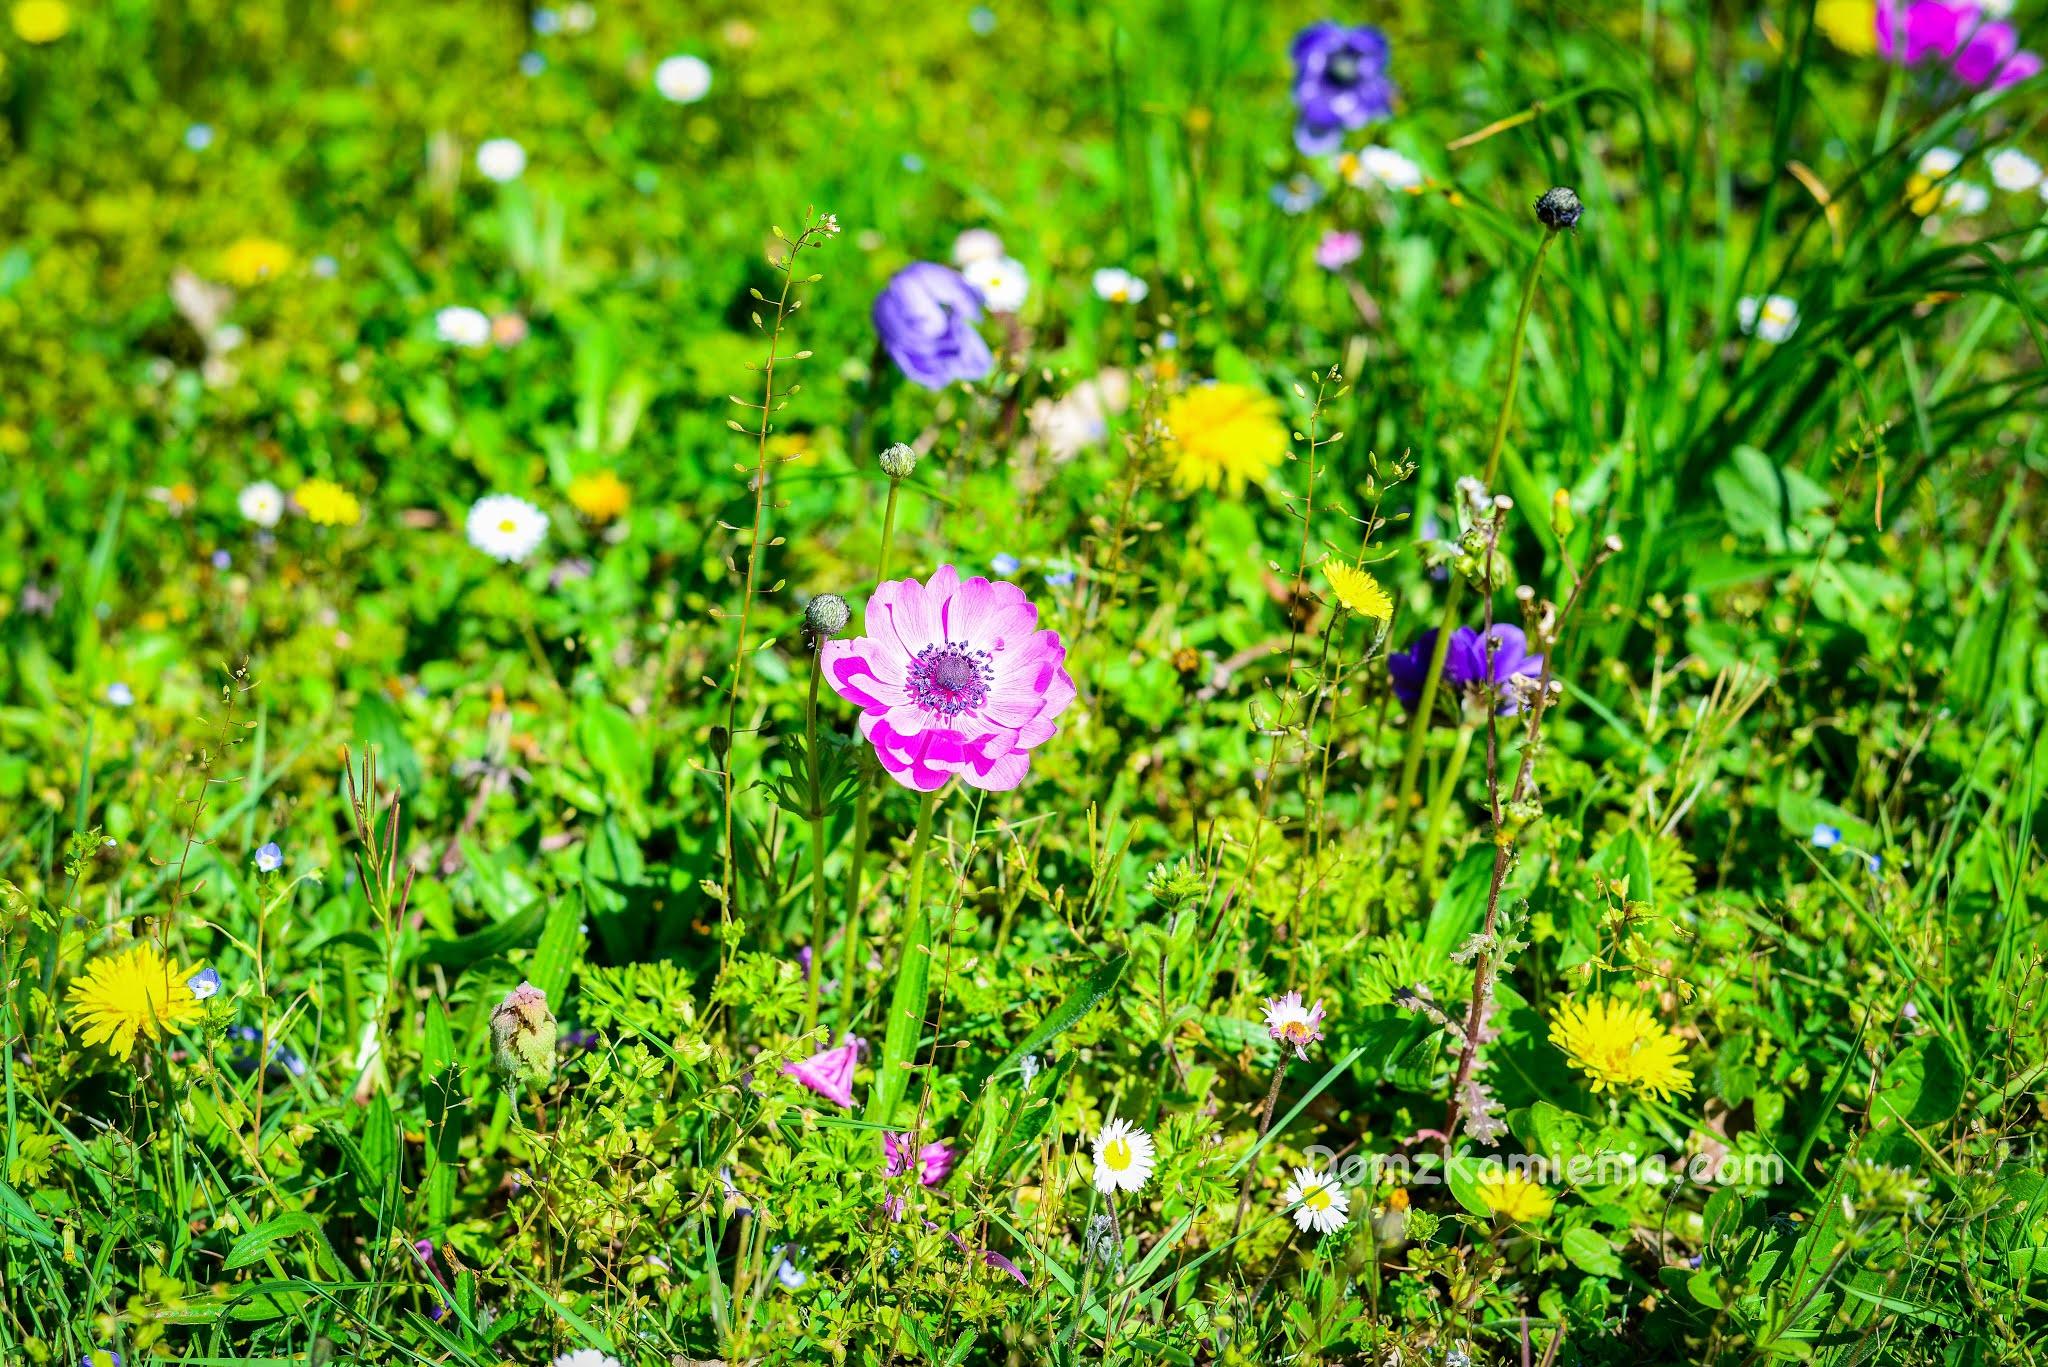 Wiosna w Toskanii, Marradi, Dom z Kamienia blog